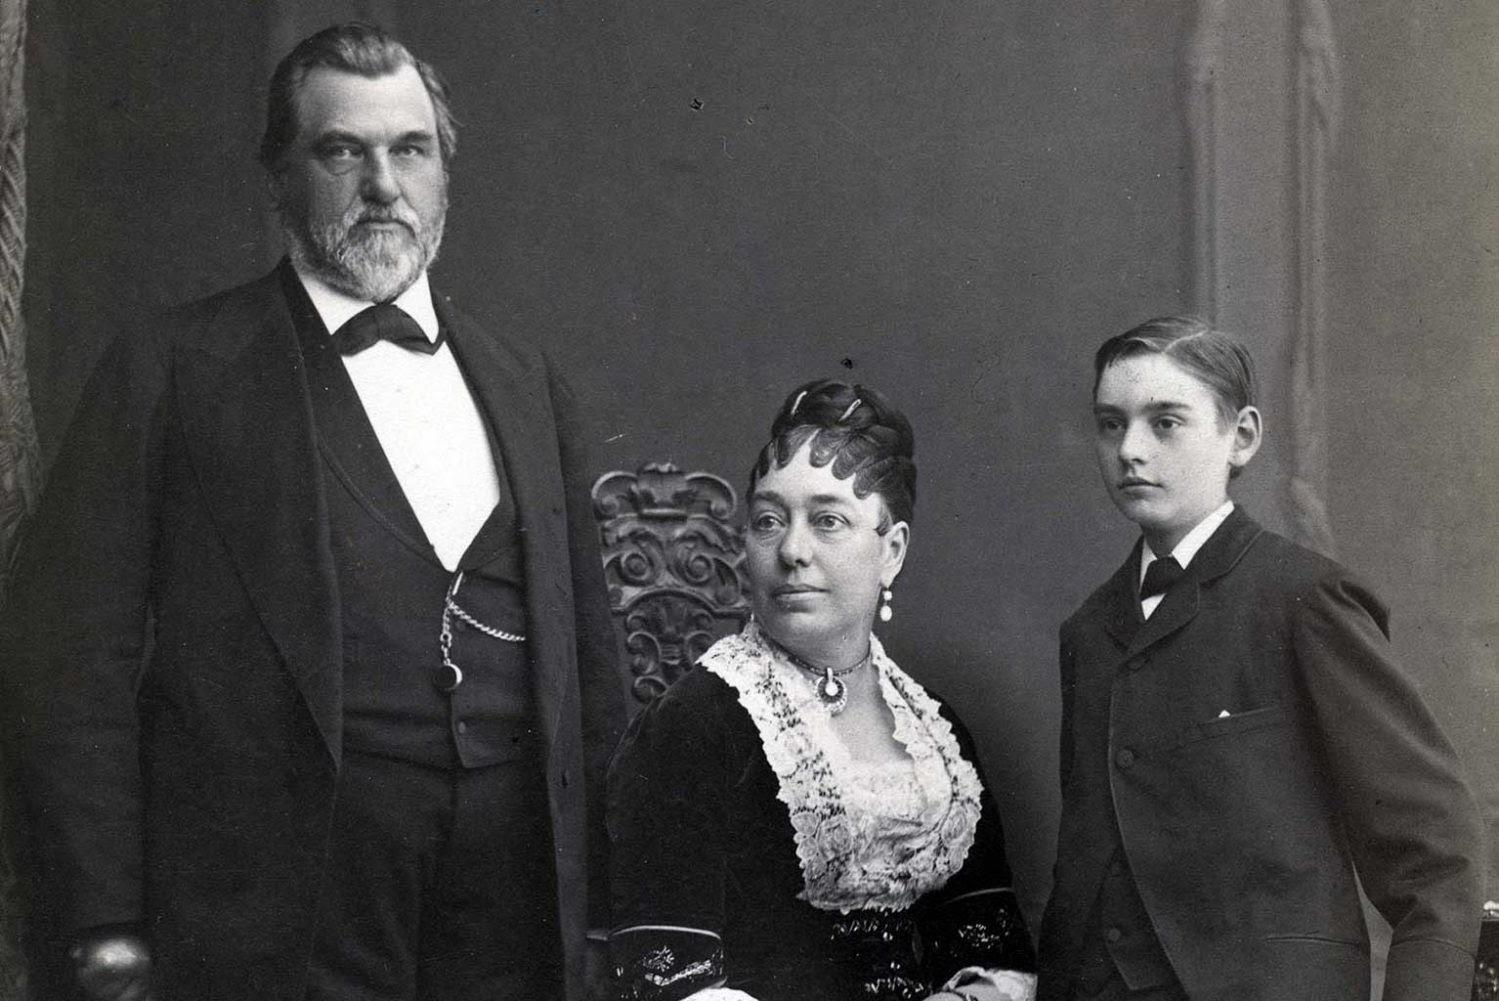 Леланд Стэнфорд, его супруга Джейн и сын Леланд-младший, 1878 год. Источник: Stanford University